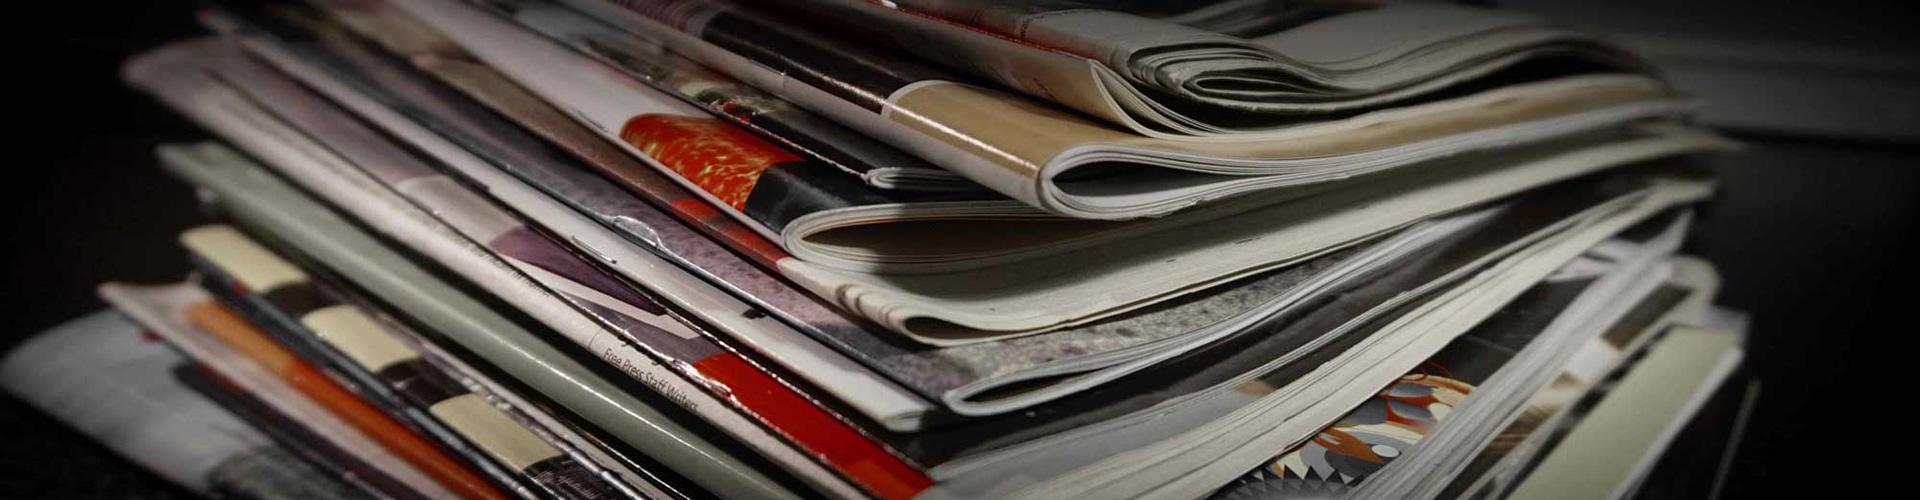 ls_articles_banner